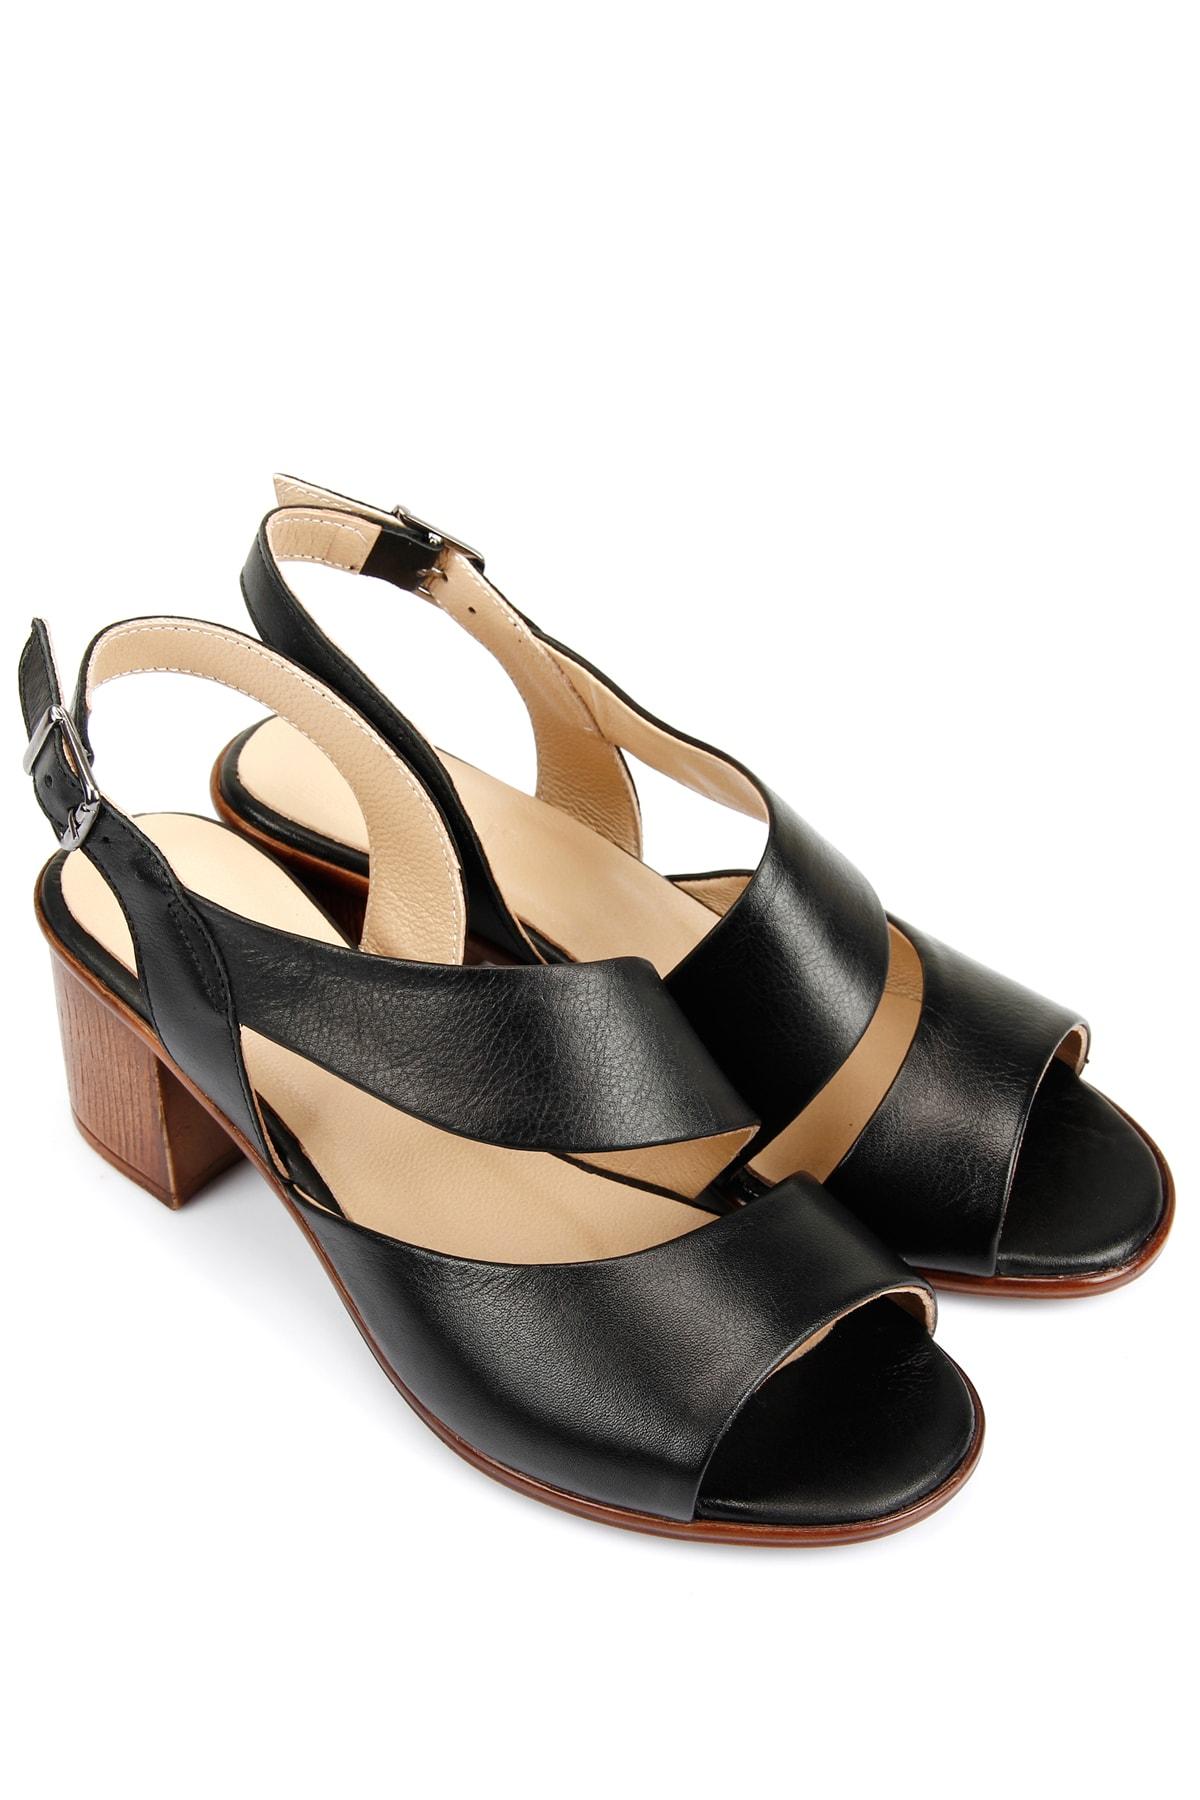 G.Ö.N Gön Hakiki Deri Kadın Sandalet 45632 2